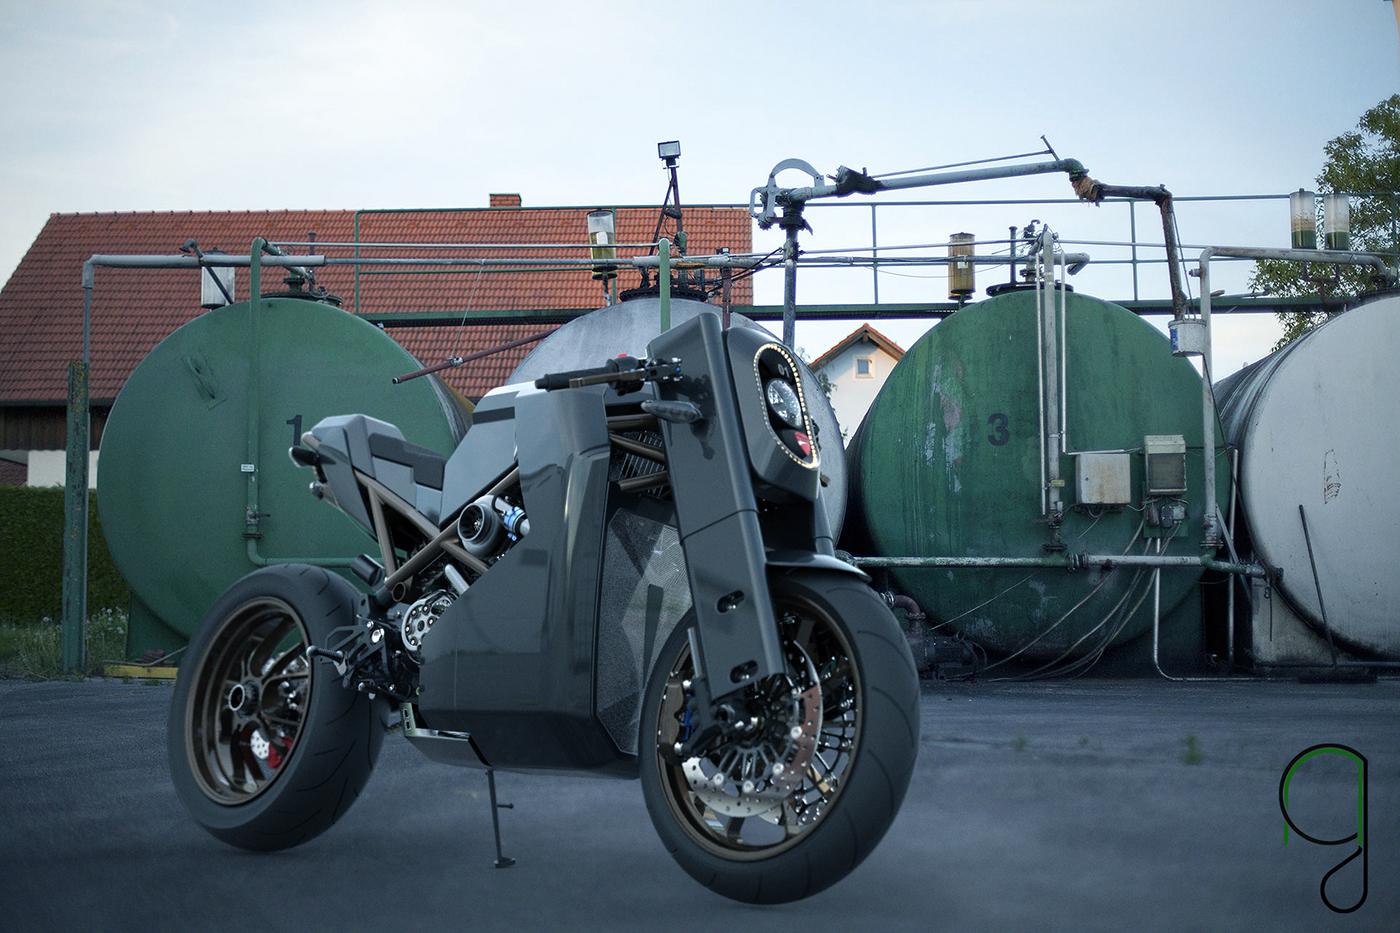 Motor Bike Ducati bike concept Ducati Concept Auto car motorbike design concept concept